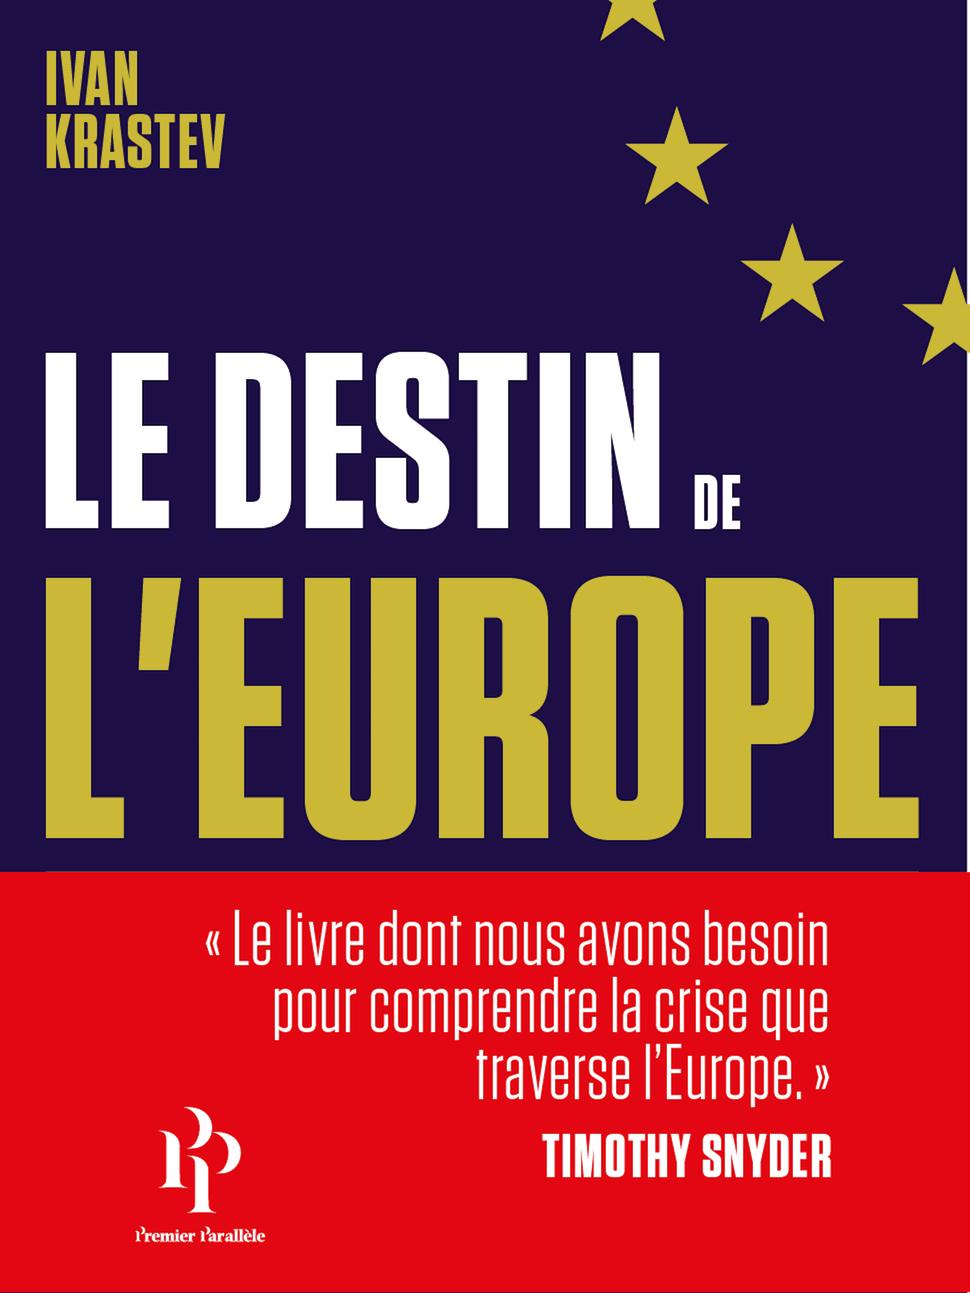 L'Europe : un possible sursaut ?